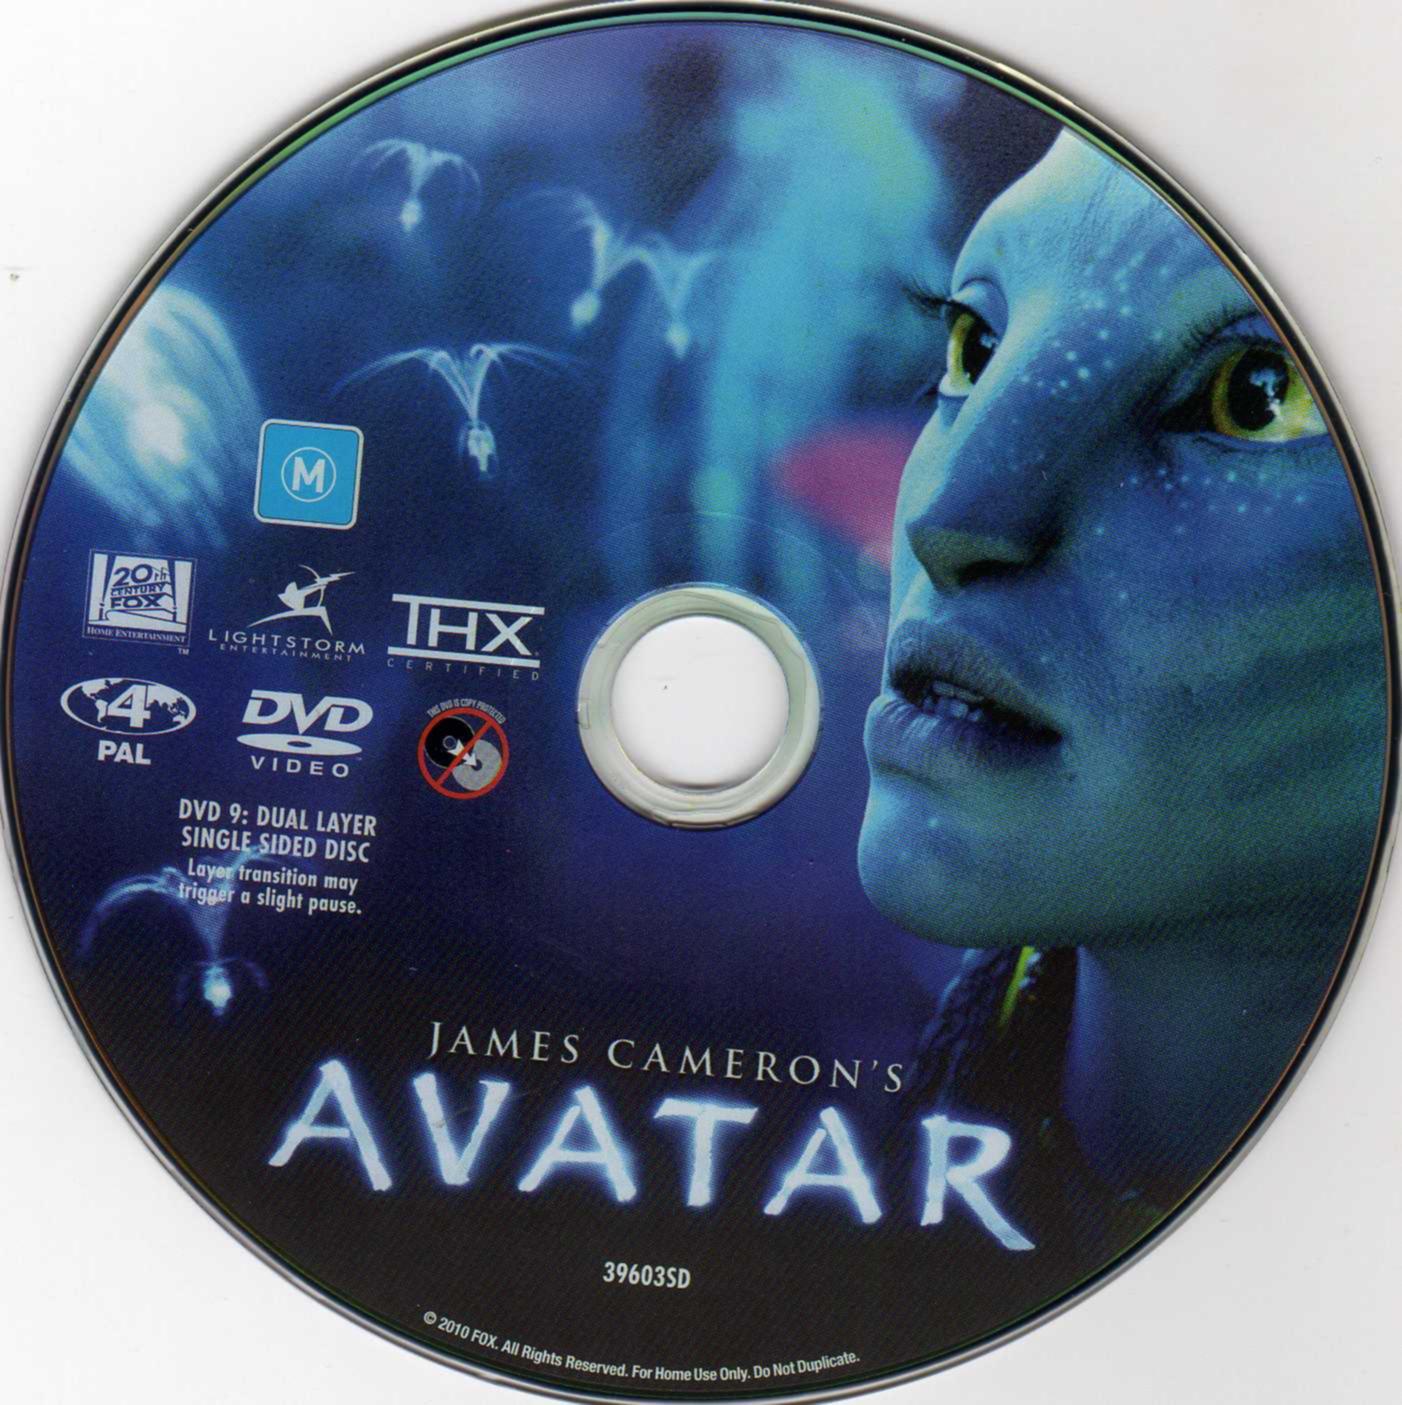 New Avatar Movie Release Date: Avatar-1-dvd-aus-cd.jpg